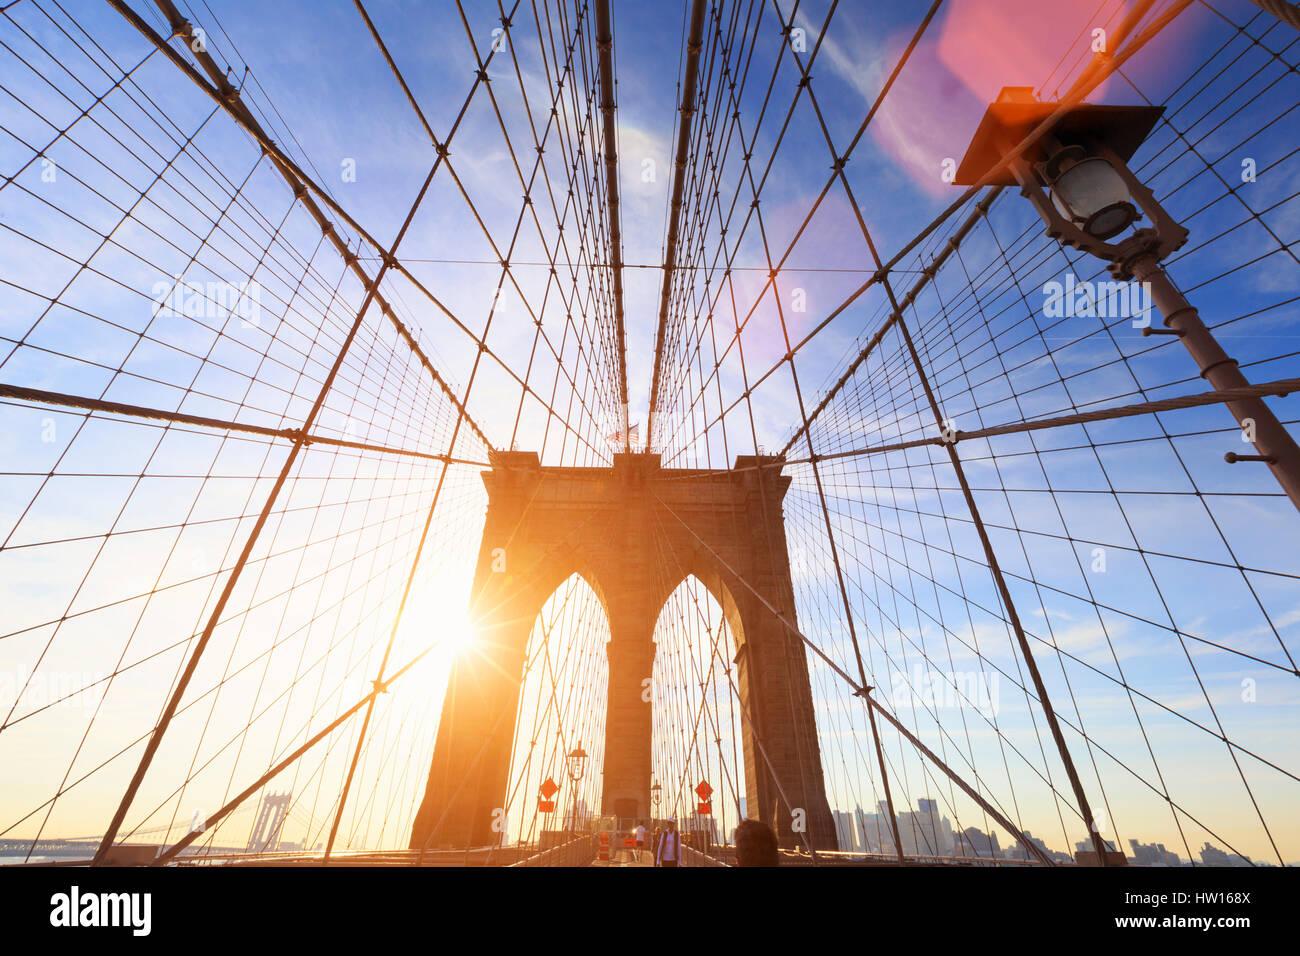 Los Estados Unidos, Nueva York, Ciudad de Nueva York, el Puente de Brooklyn Foto de stock